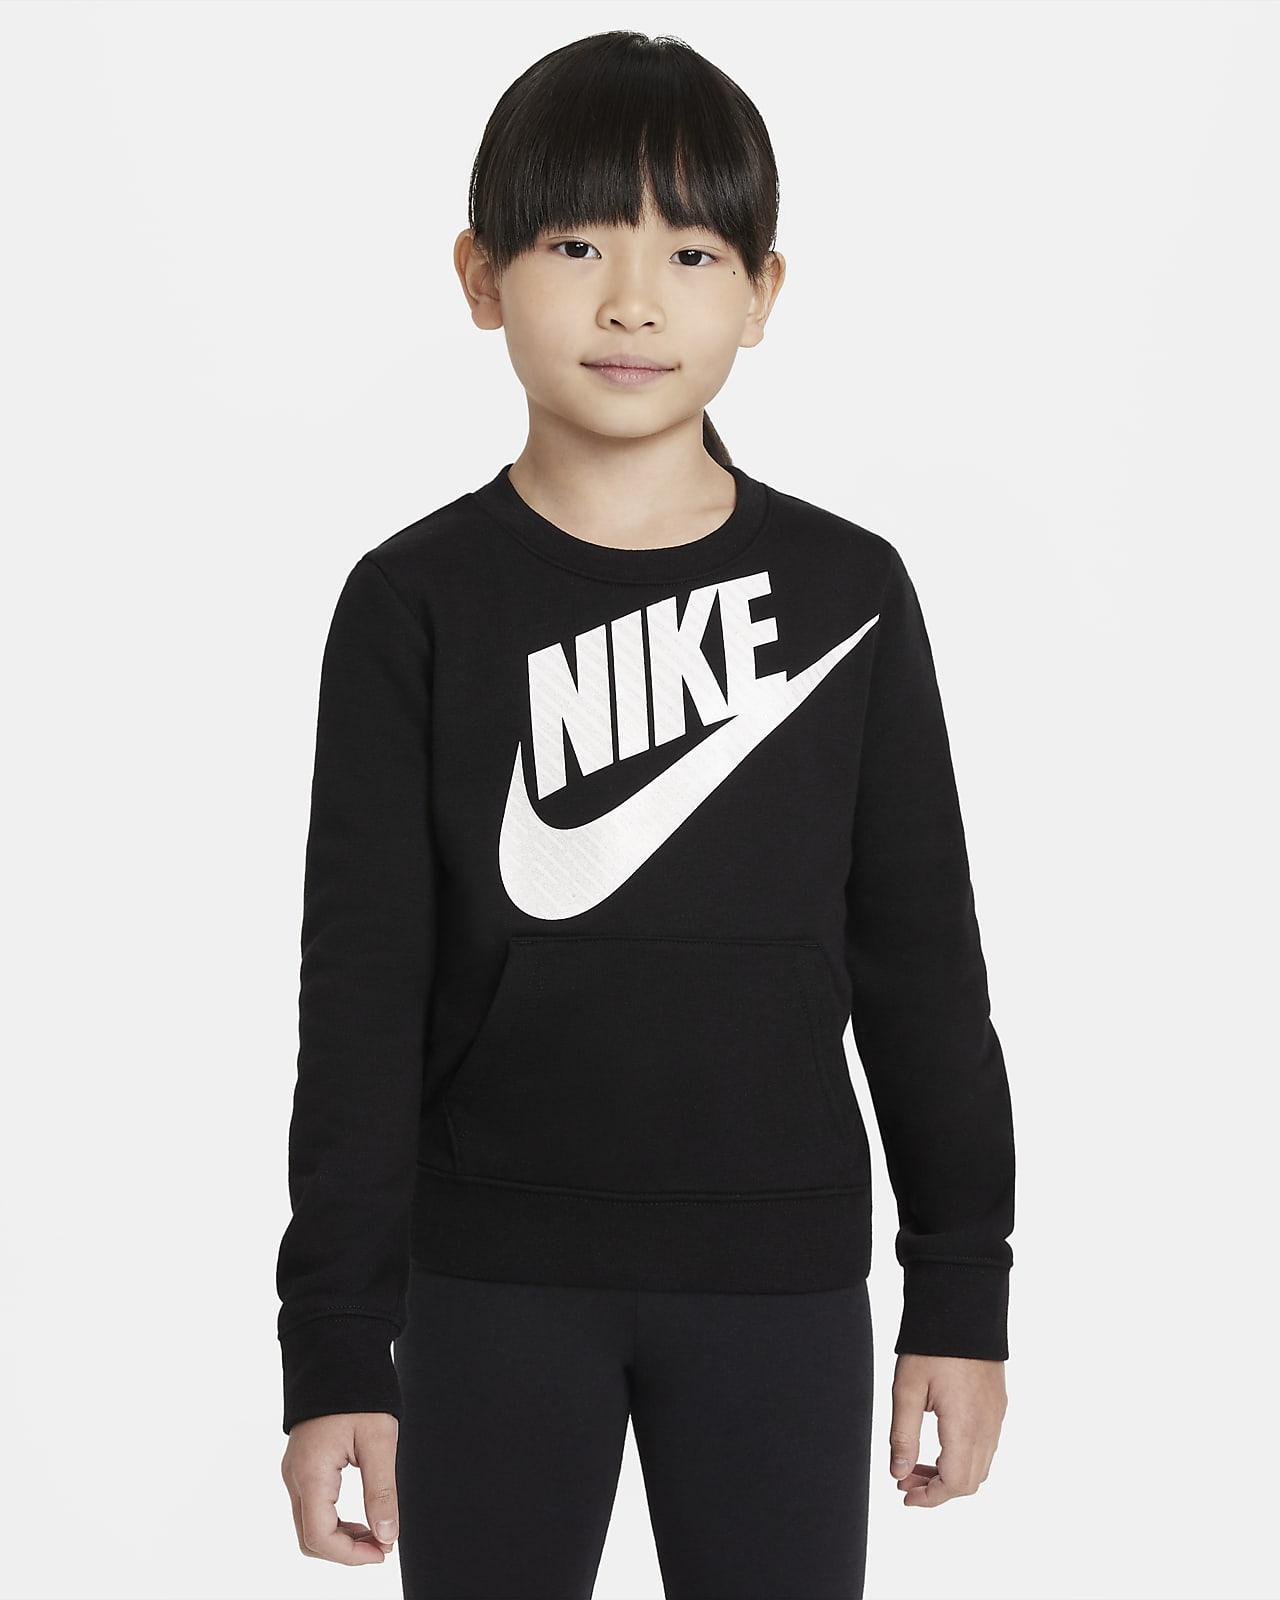 Nike Sportswear Little Kids' Pullover Crew